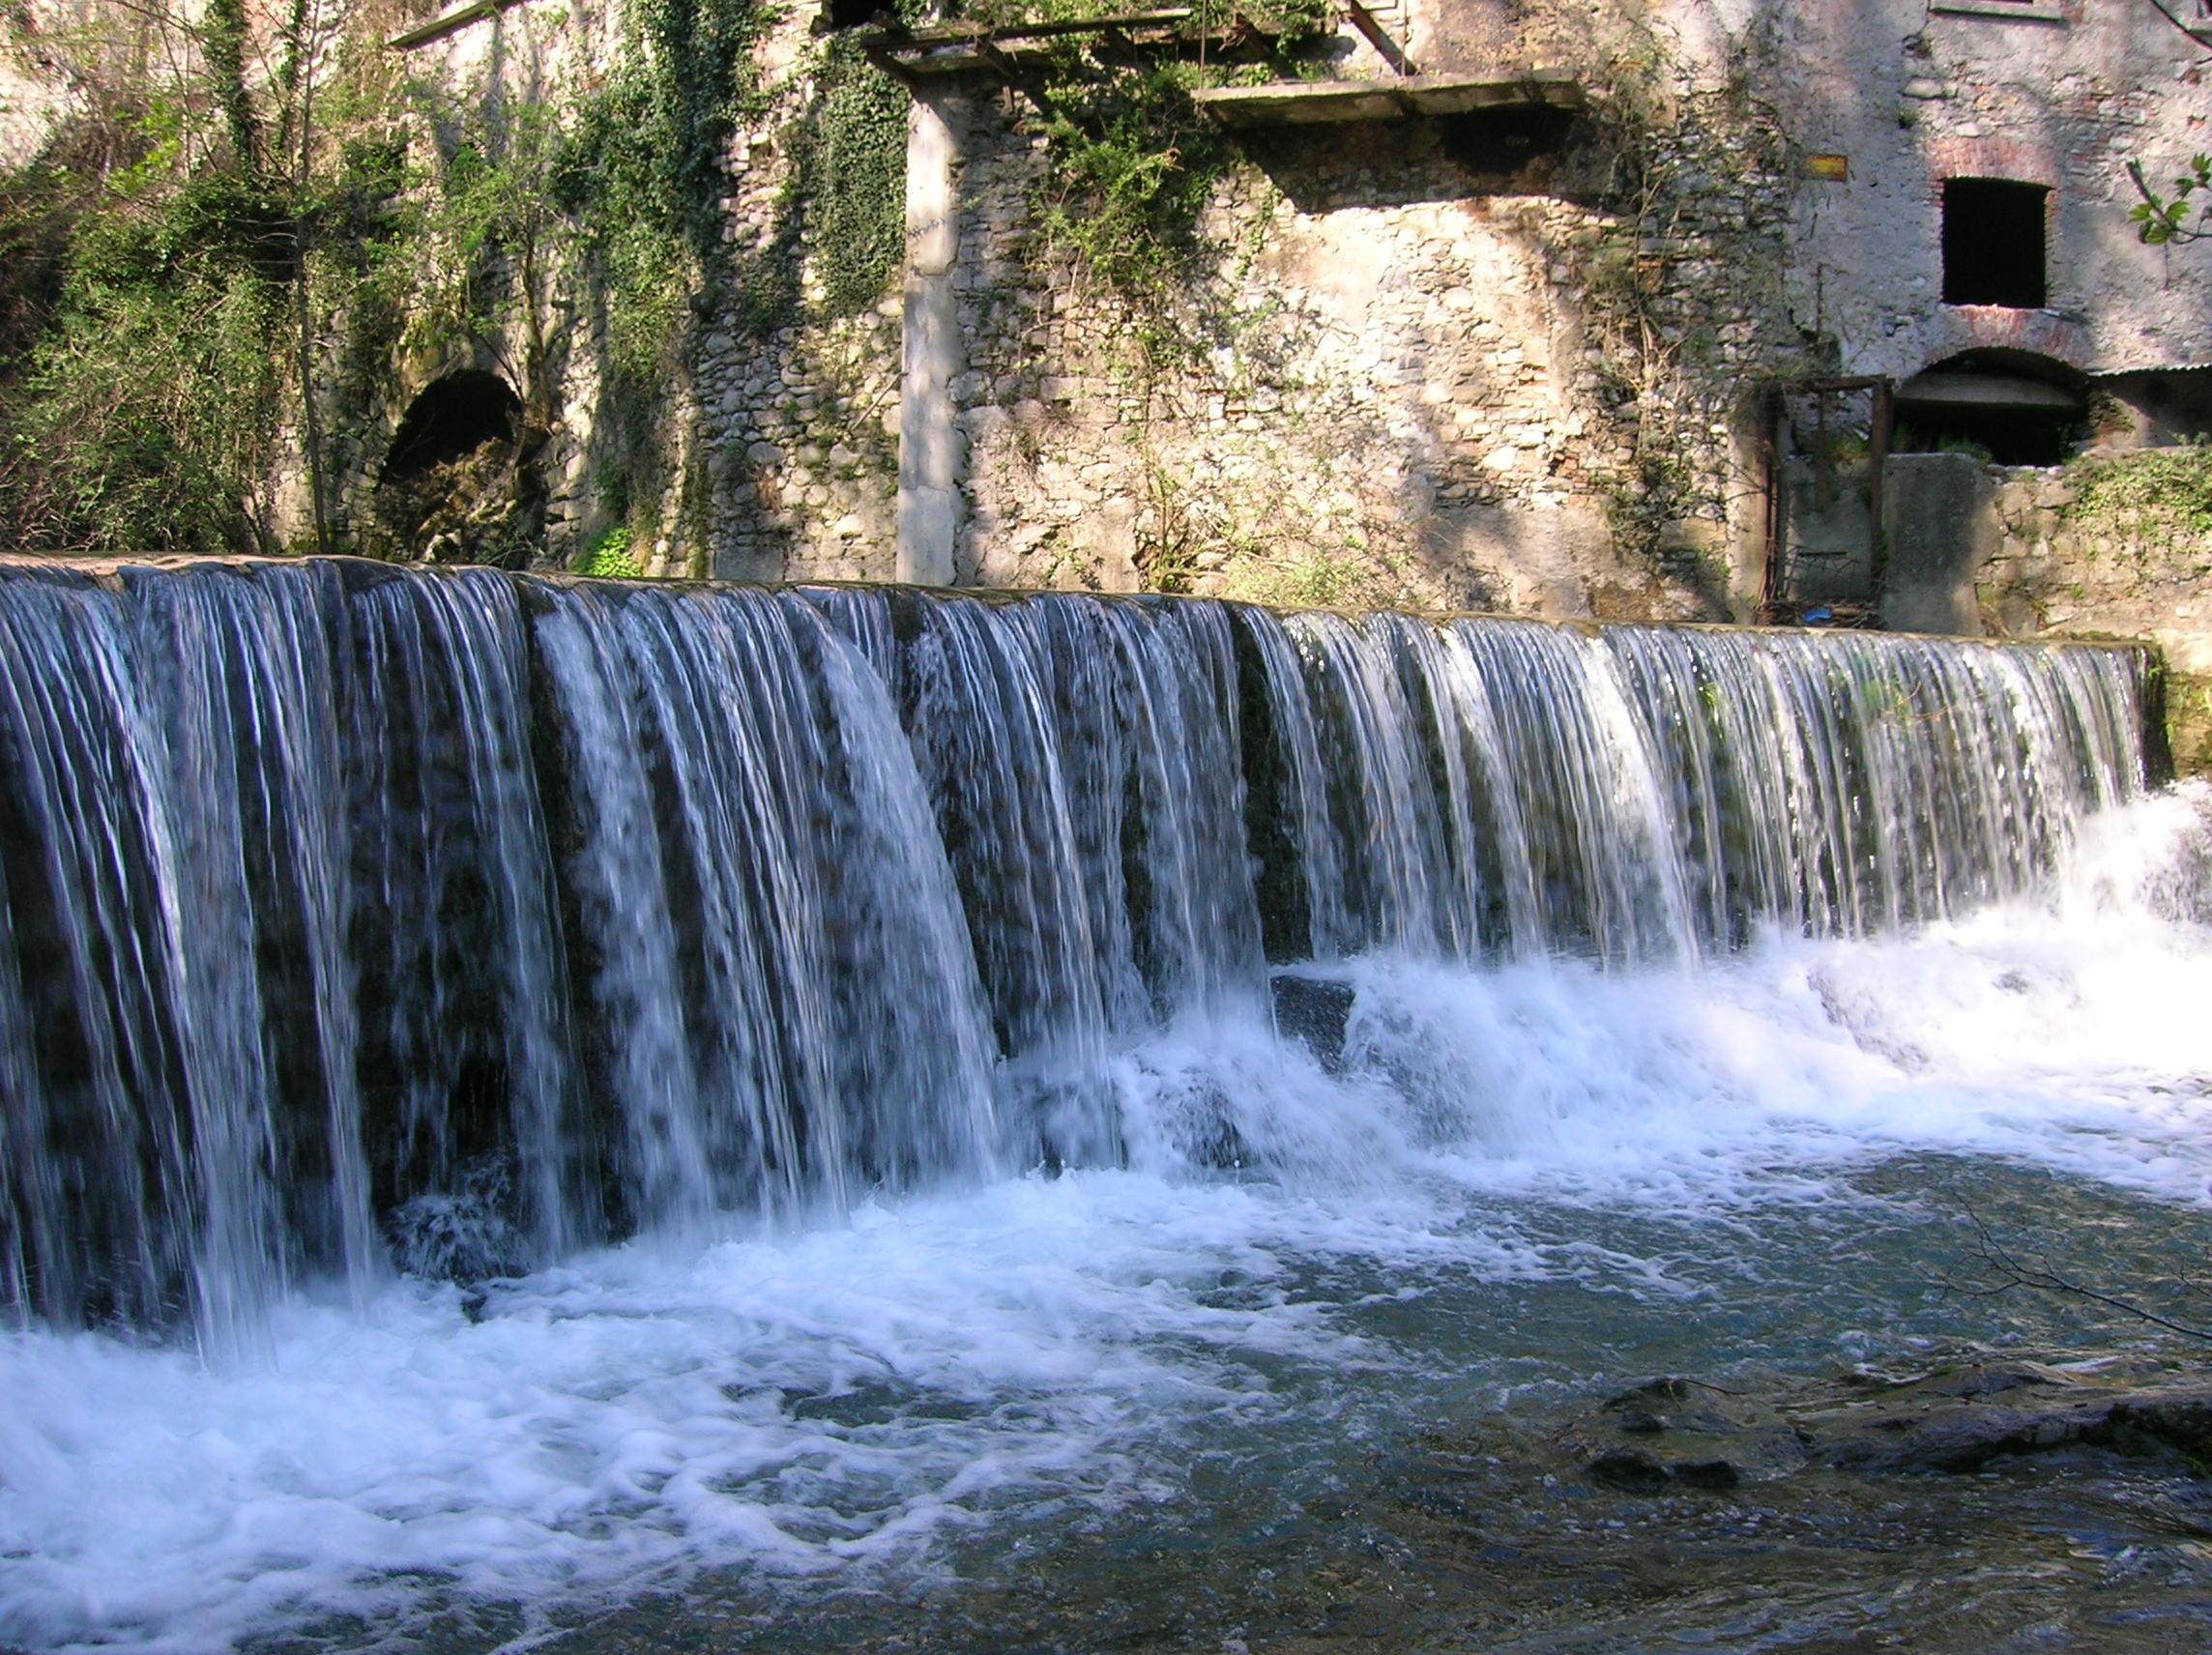 Multa alla cascata dell 39 orrido di lecco fa troppo rumore - Cascate in italia dove fare il bagno ...